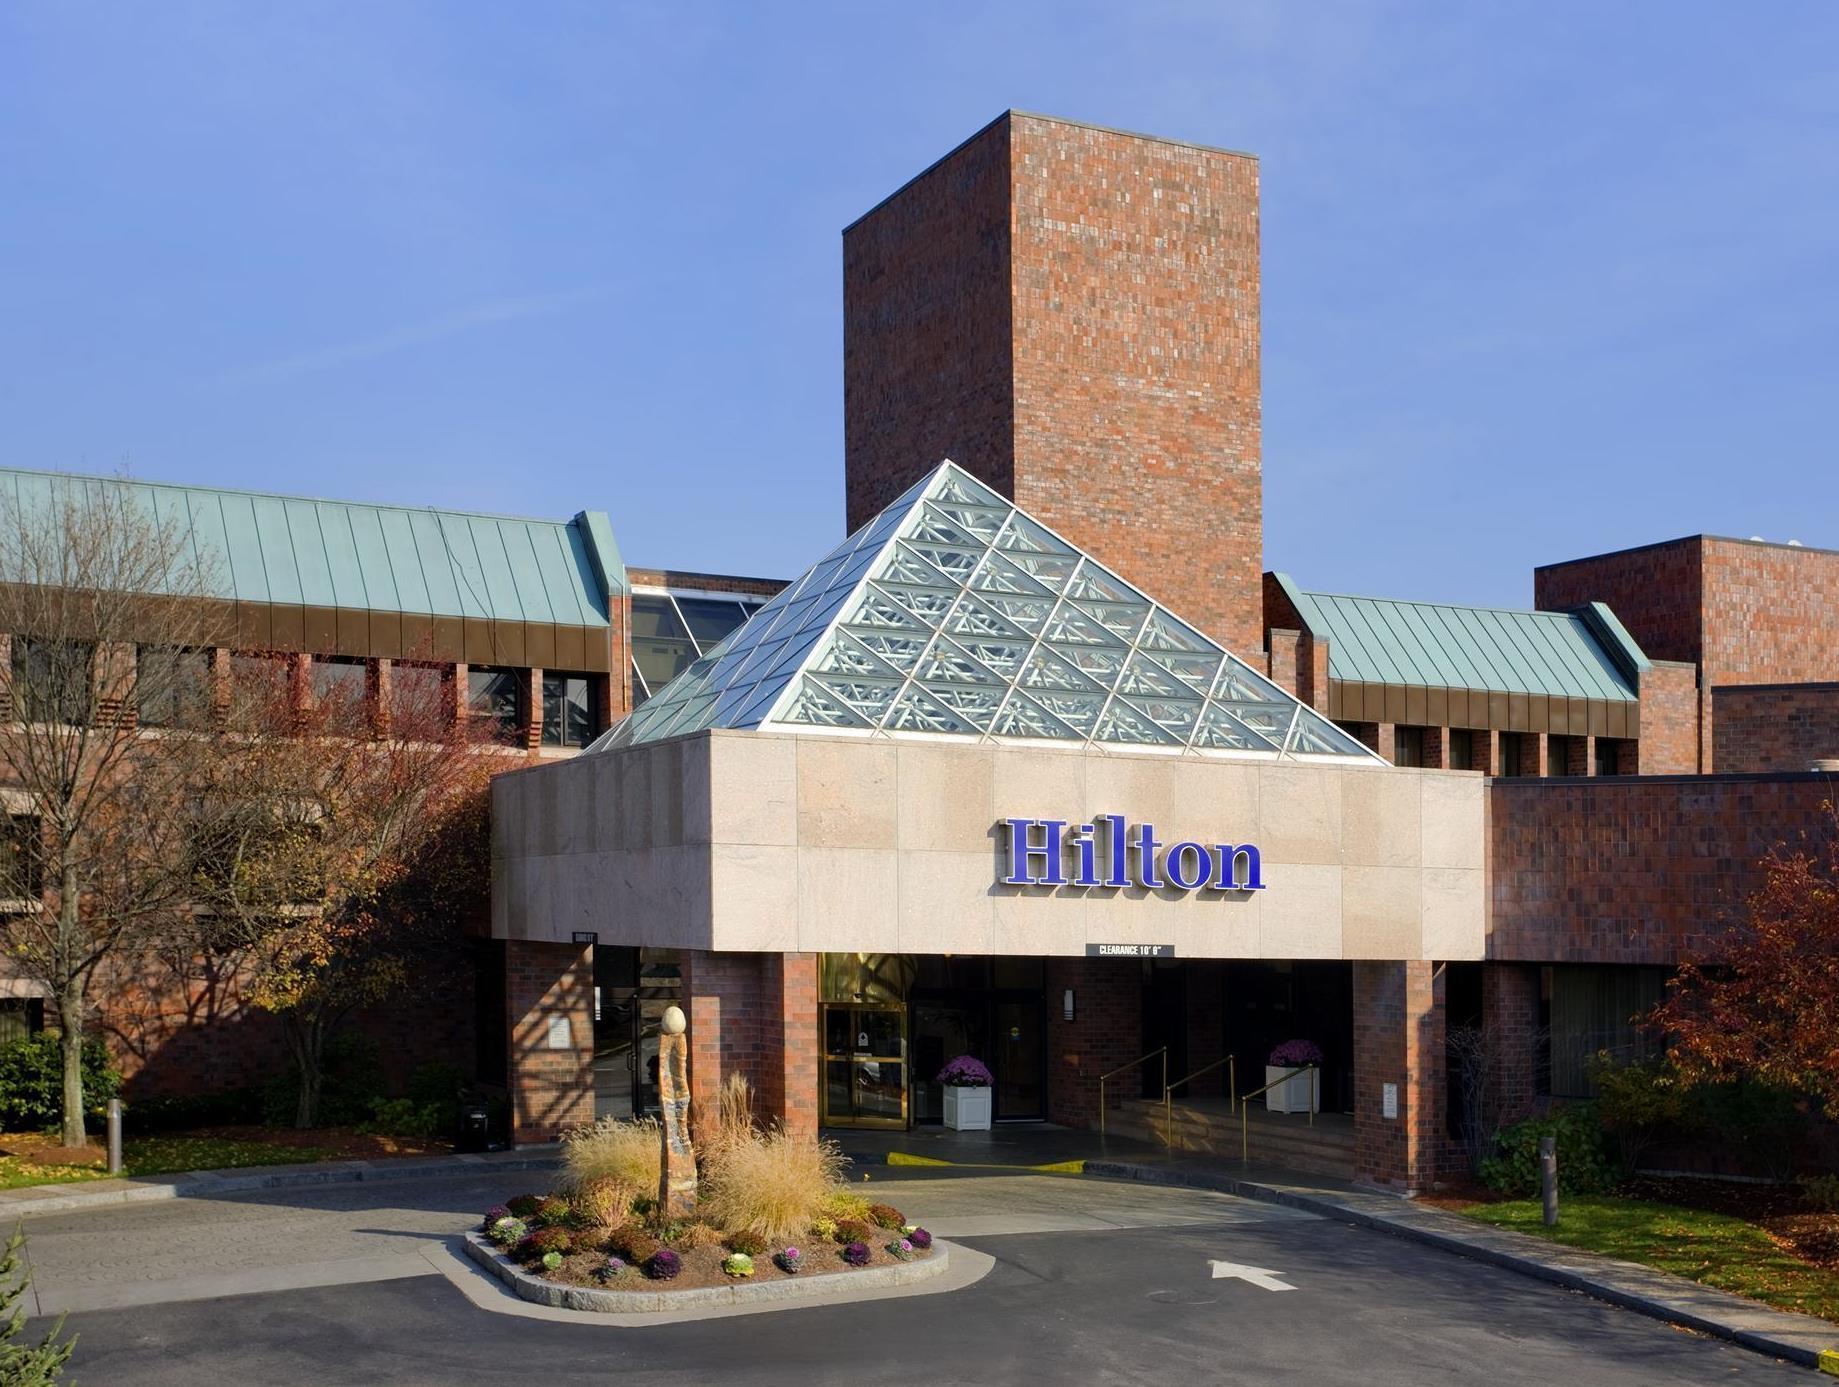 Hilton Boston Dedham Hotel image